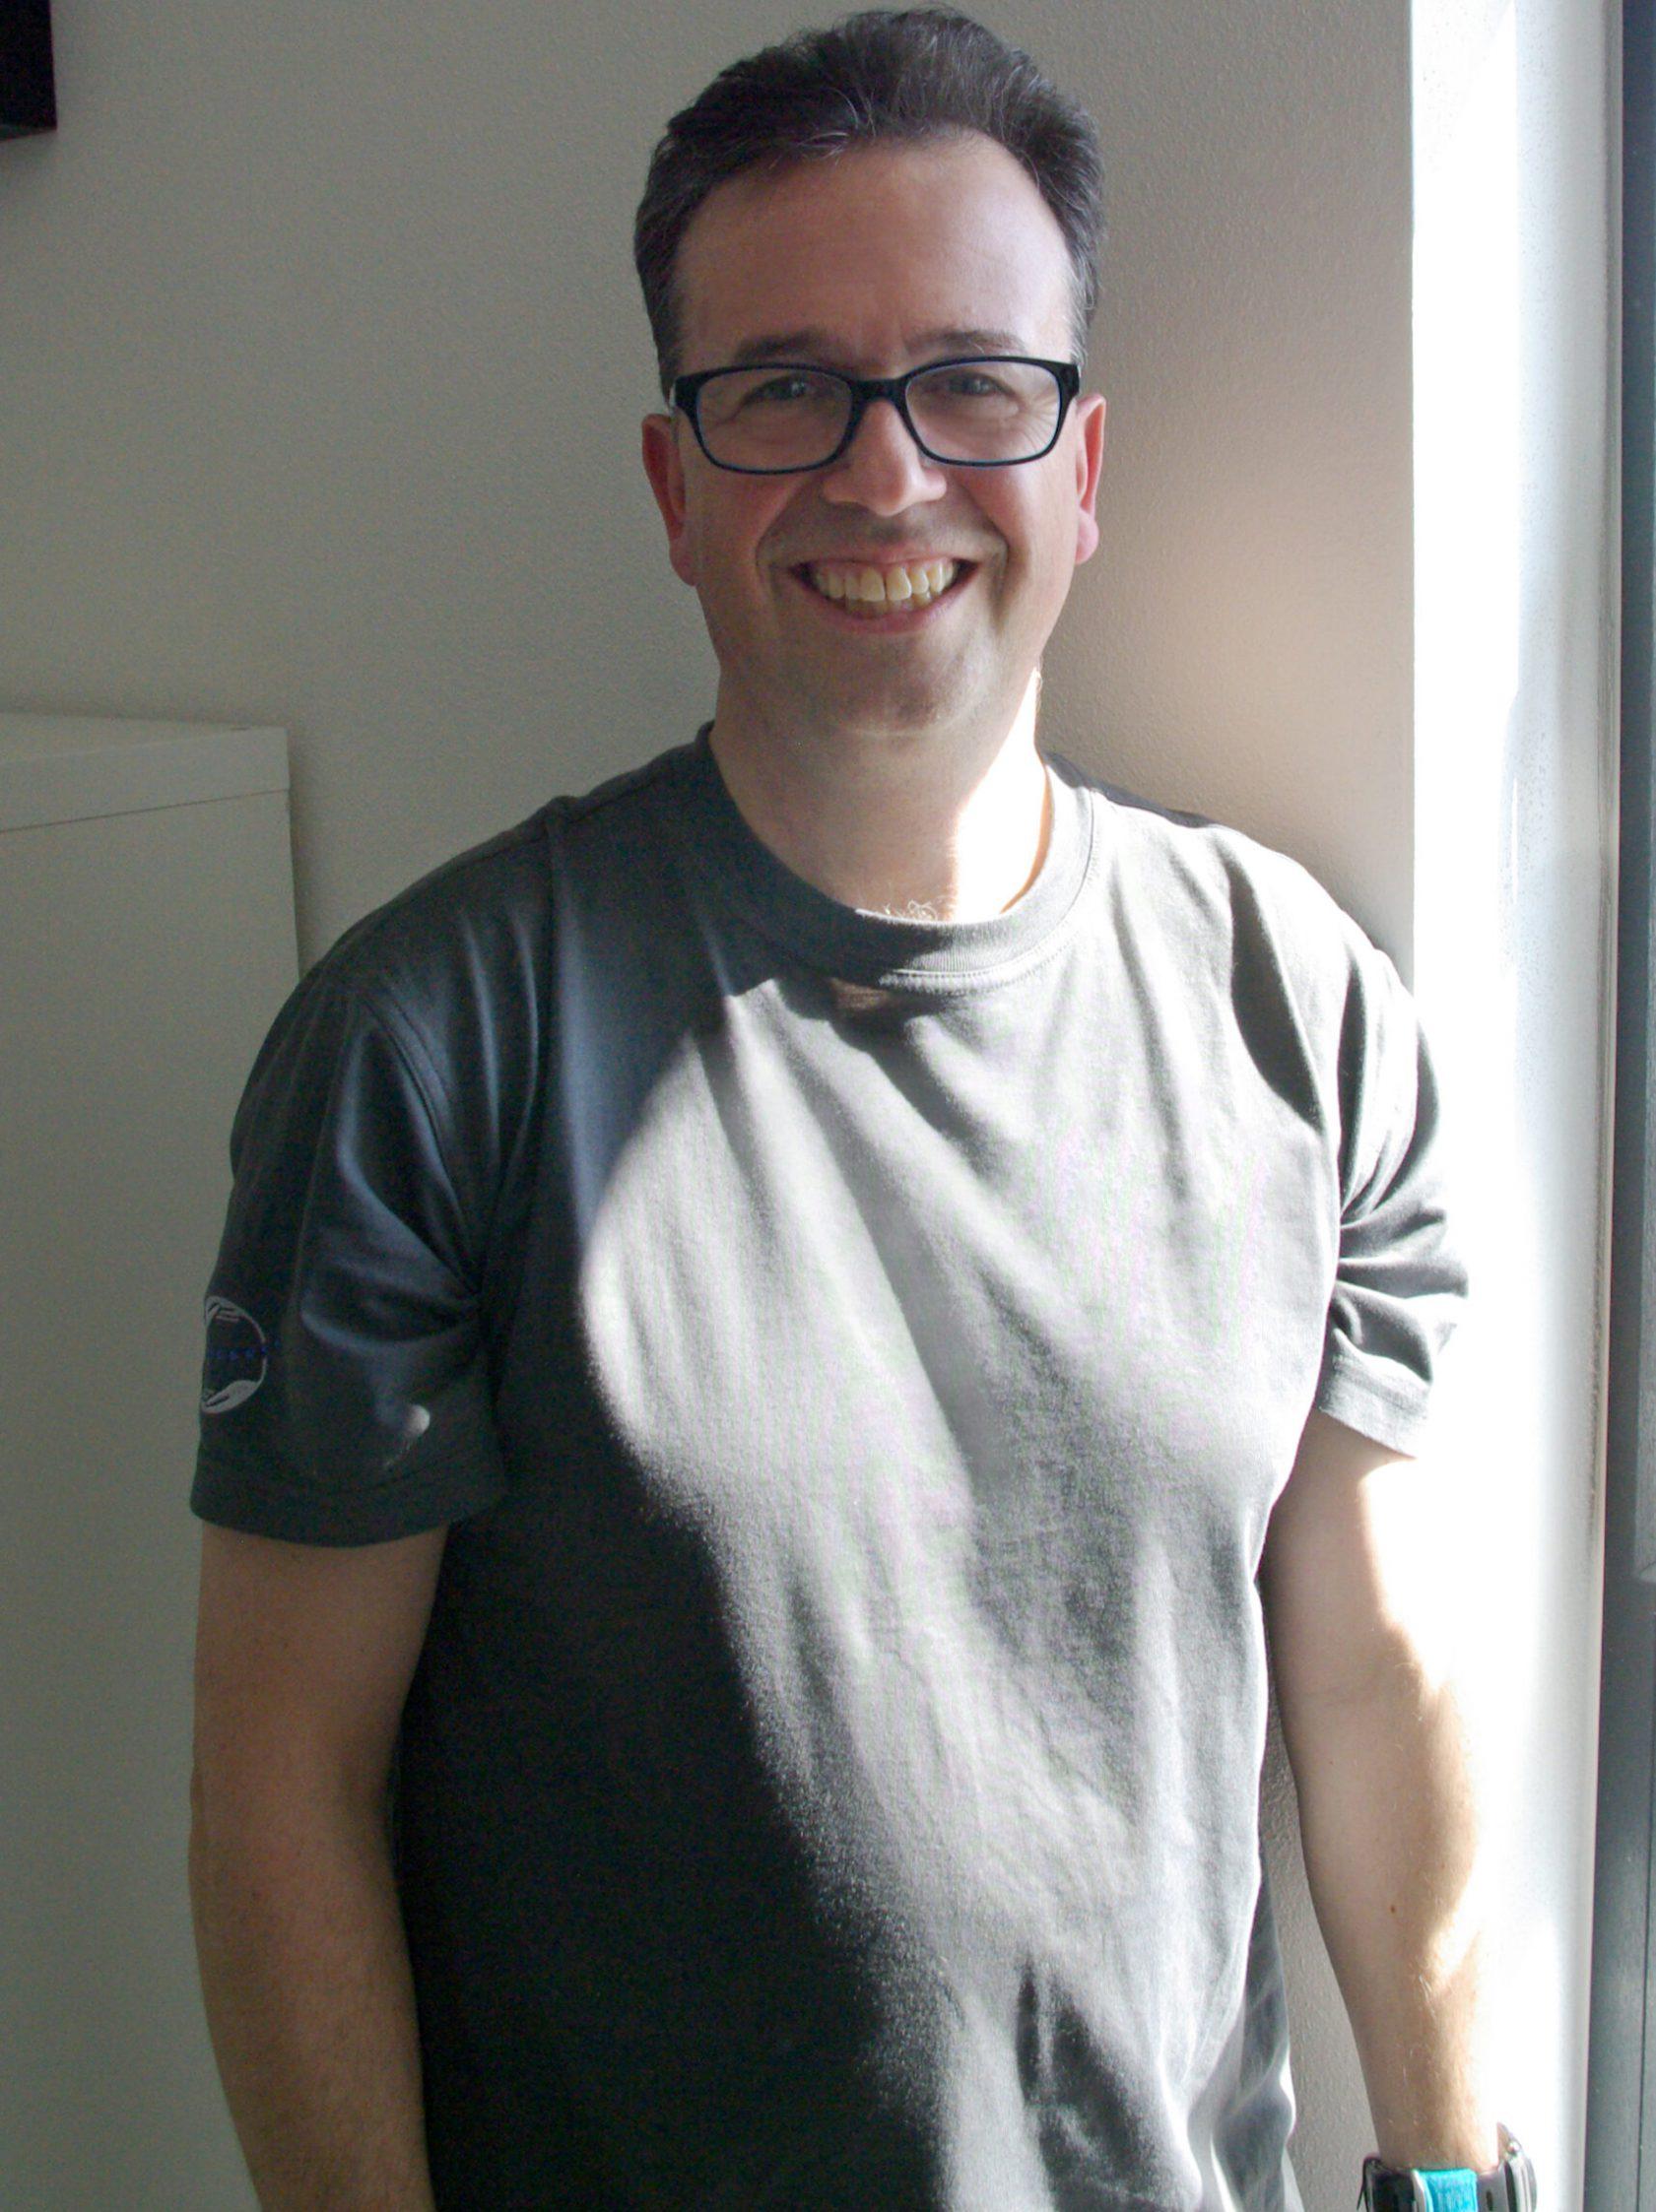 Frank Trzaska